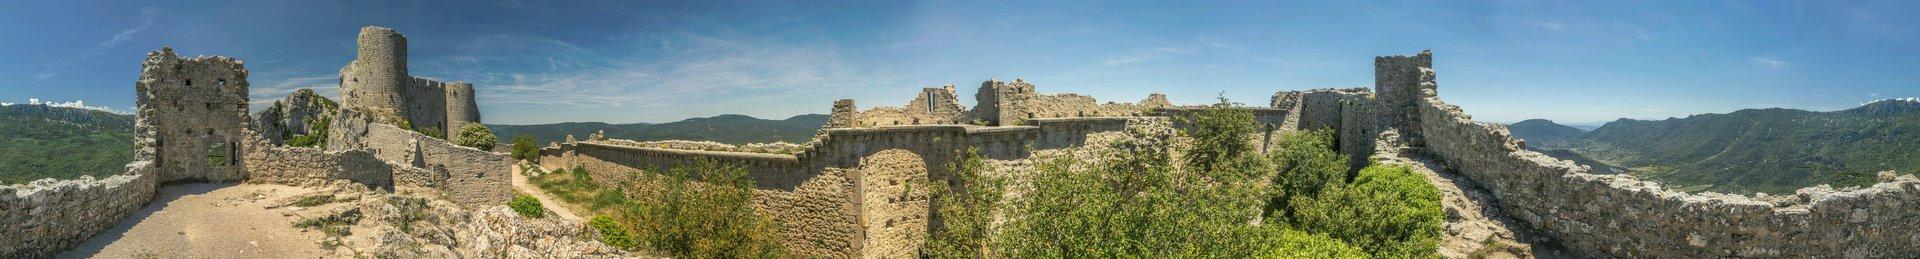 360° Panorama der ersten Ringmauer vom Château de Peyrepertuse